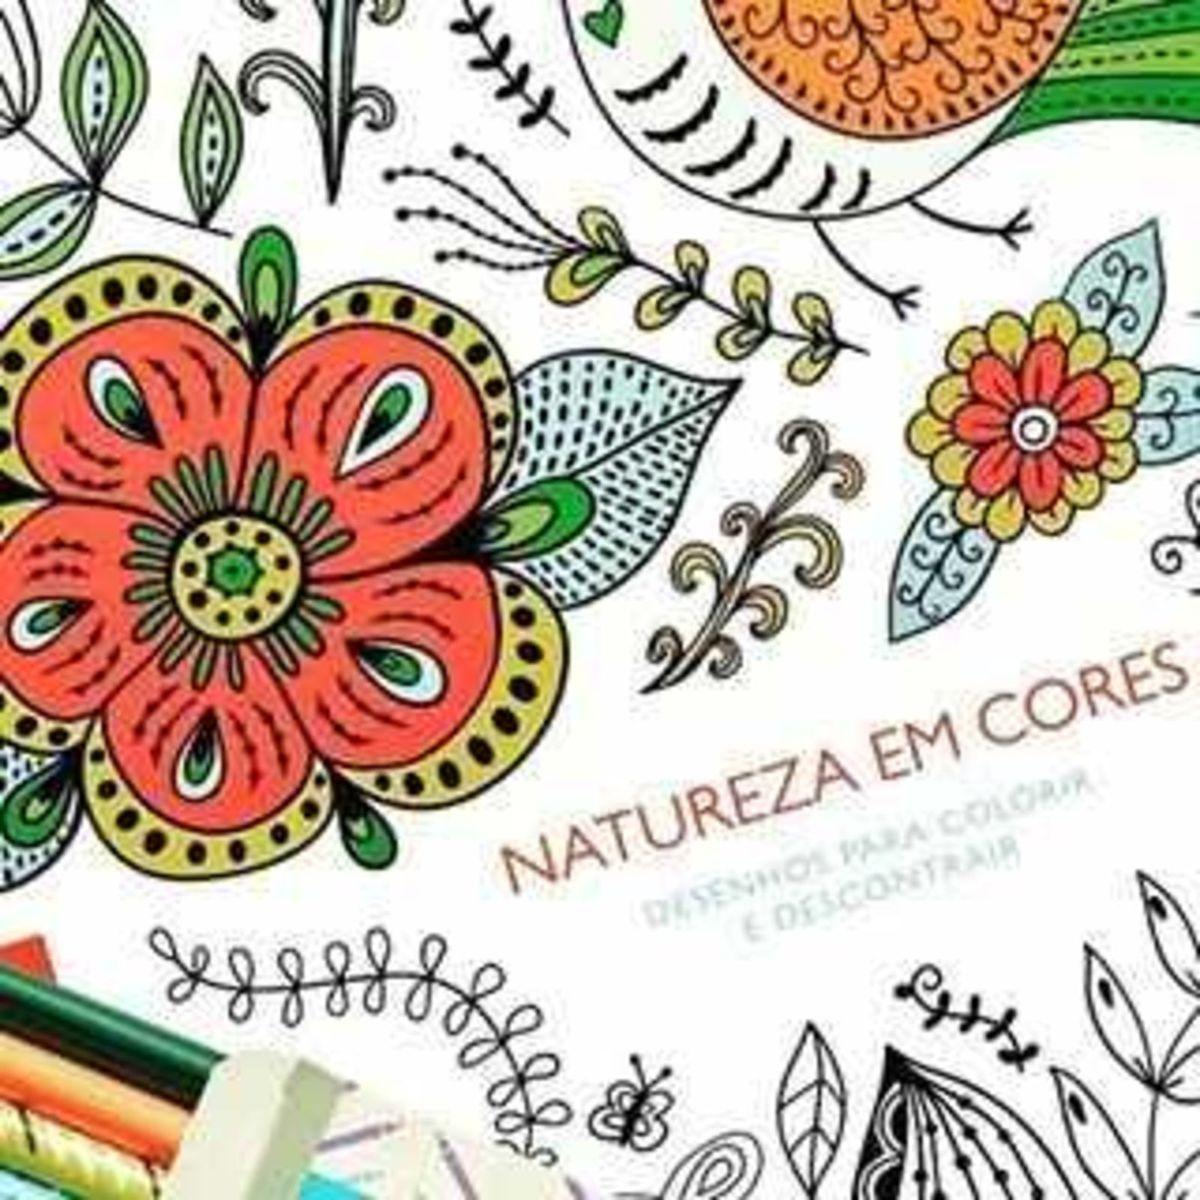 Caderno De Pintar Natura Natureza Em Cores Item De Papelaria